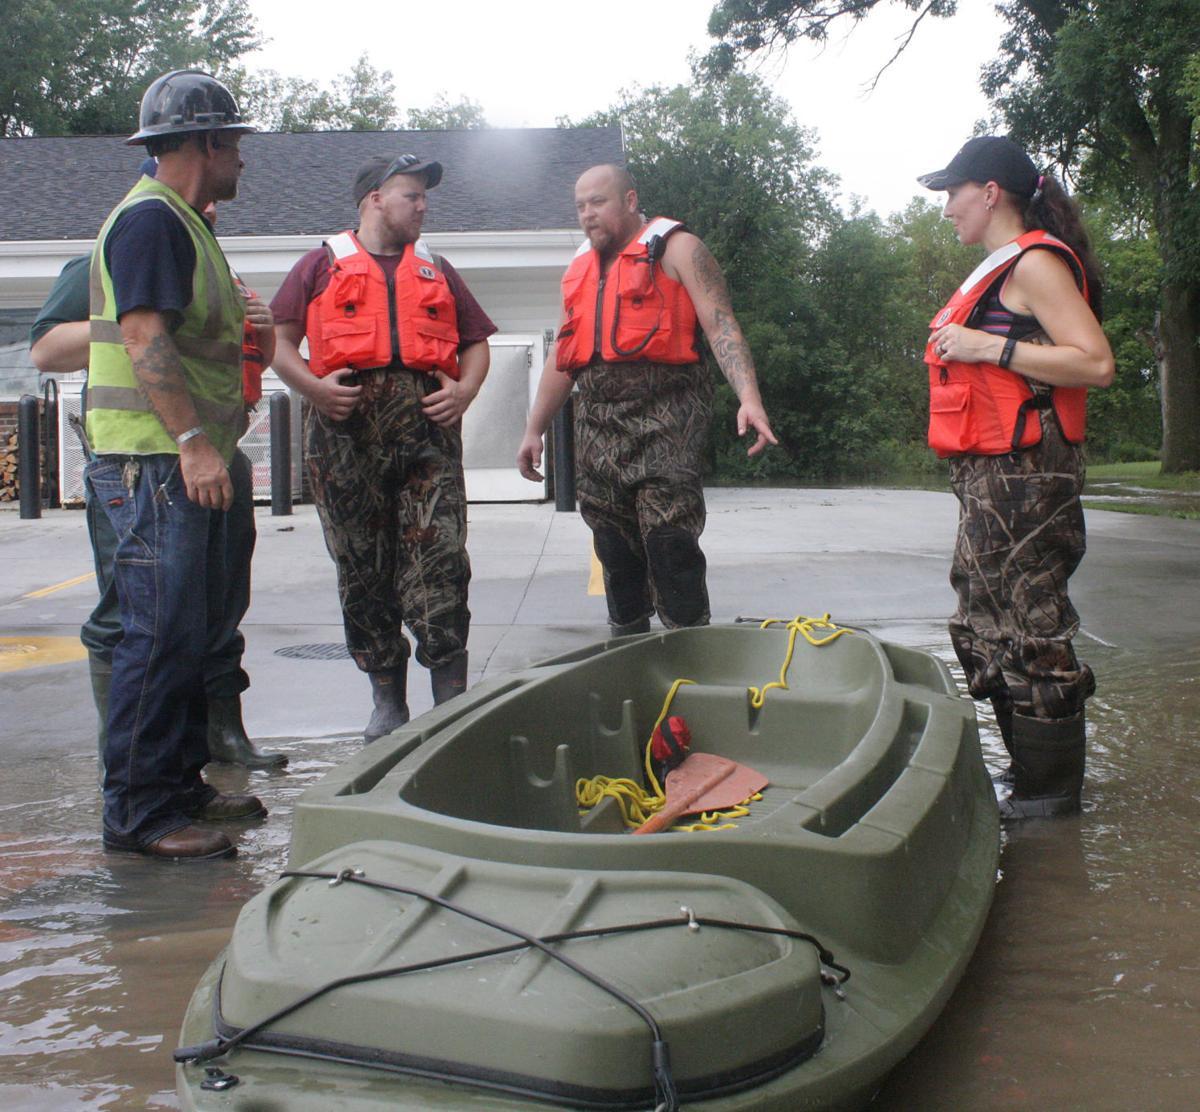 041119-star-news-floods